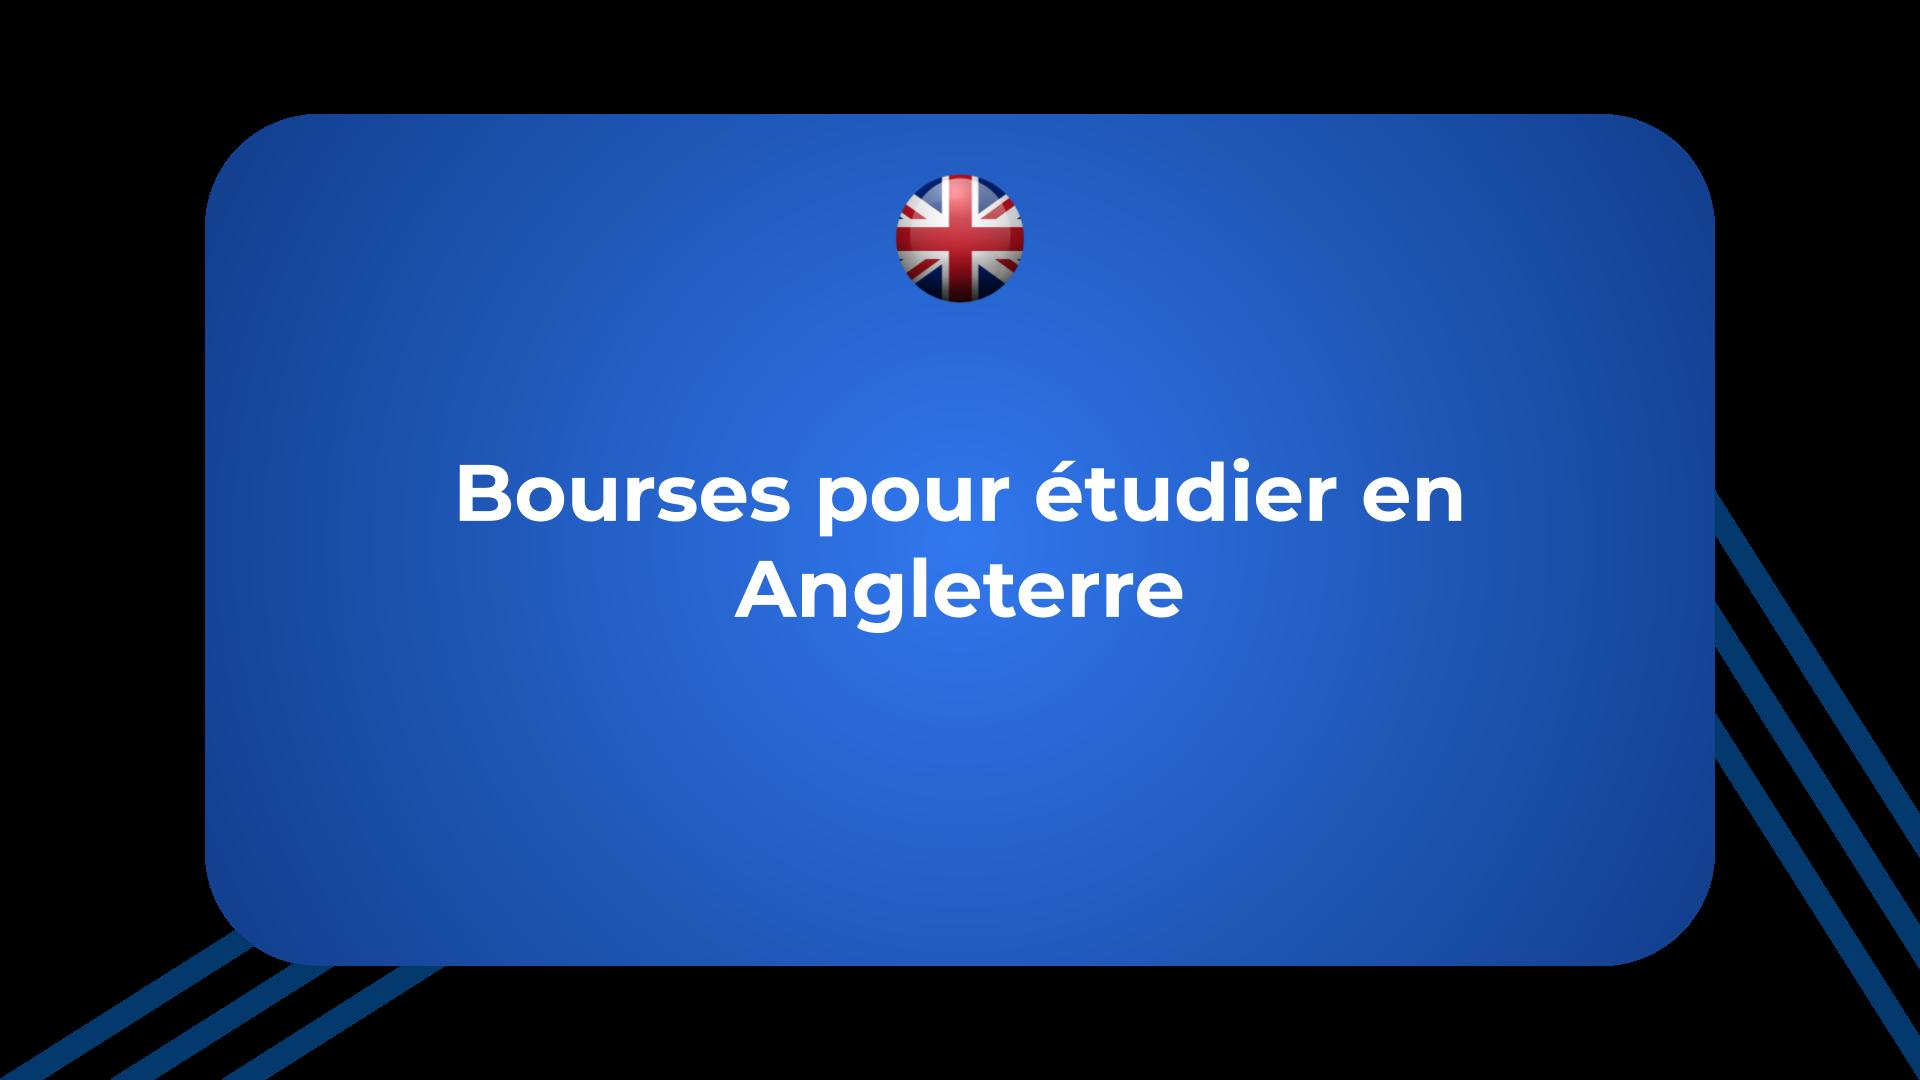 Bourses pour étudier en Angleterre